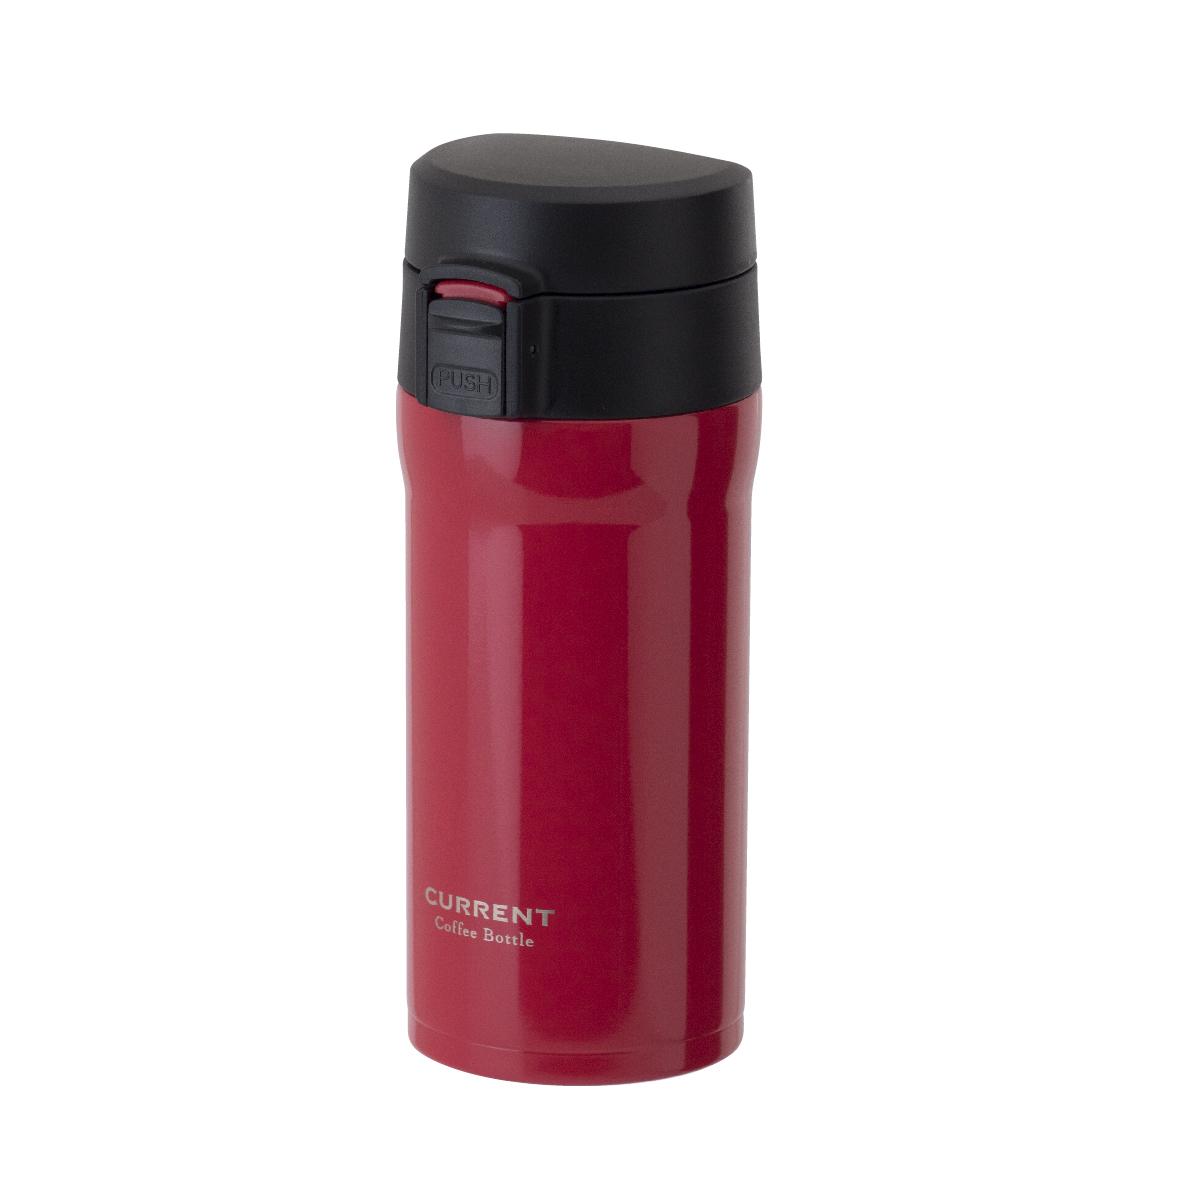 CURRENT コーヒーワンタッチボトル 350ml レッド